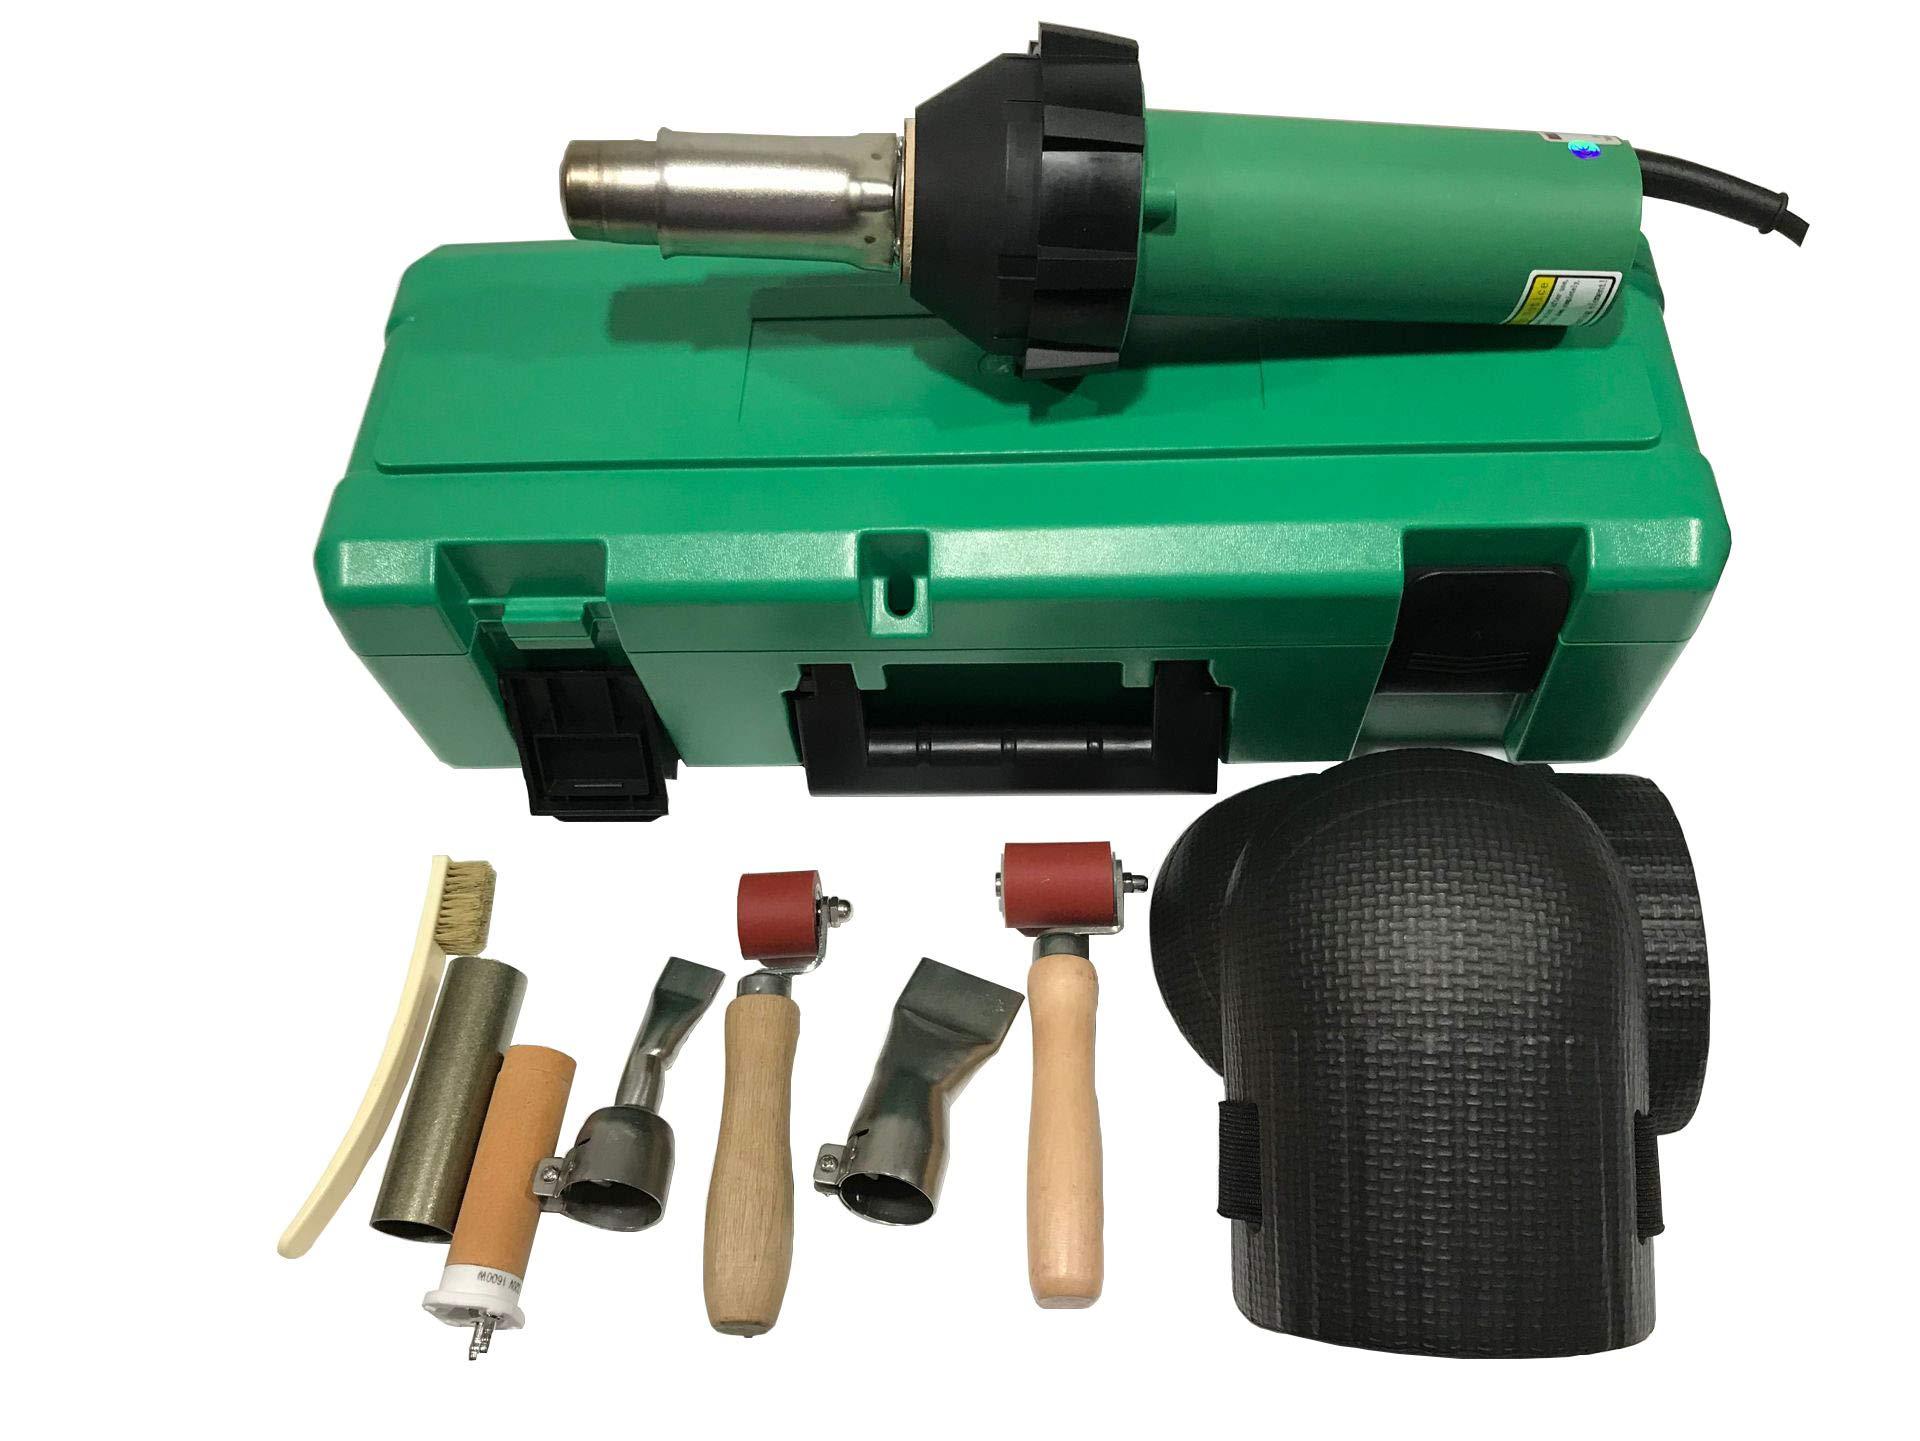 Plastic Welder Gun/Heat Gun/Hot Air Gun And Accessories Vinyl Floor Hot Air Welding Kit Hot Air Equipment (welding tool set)